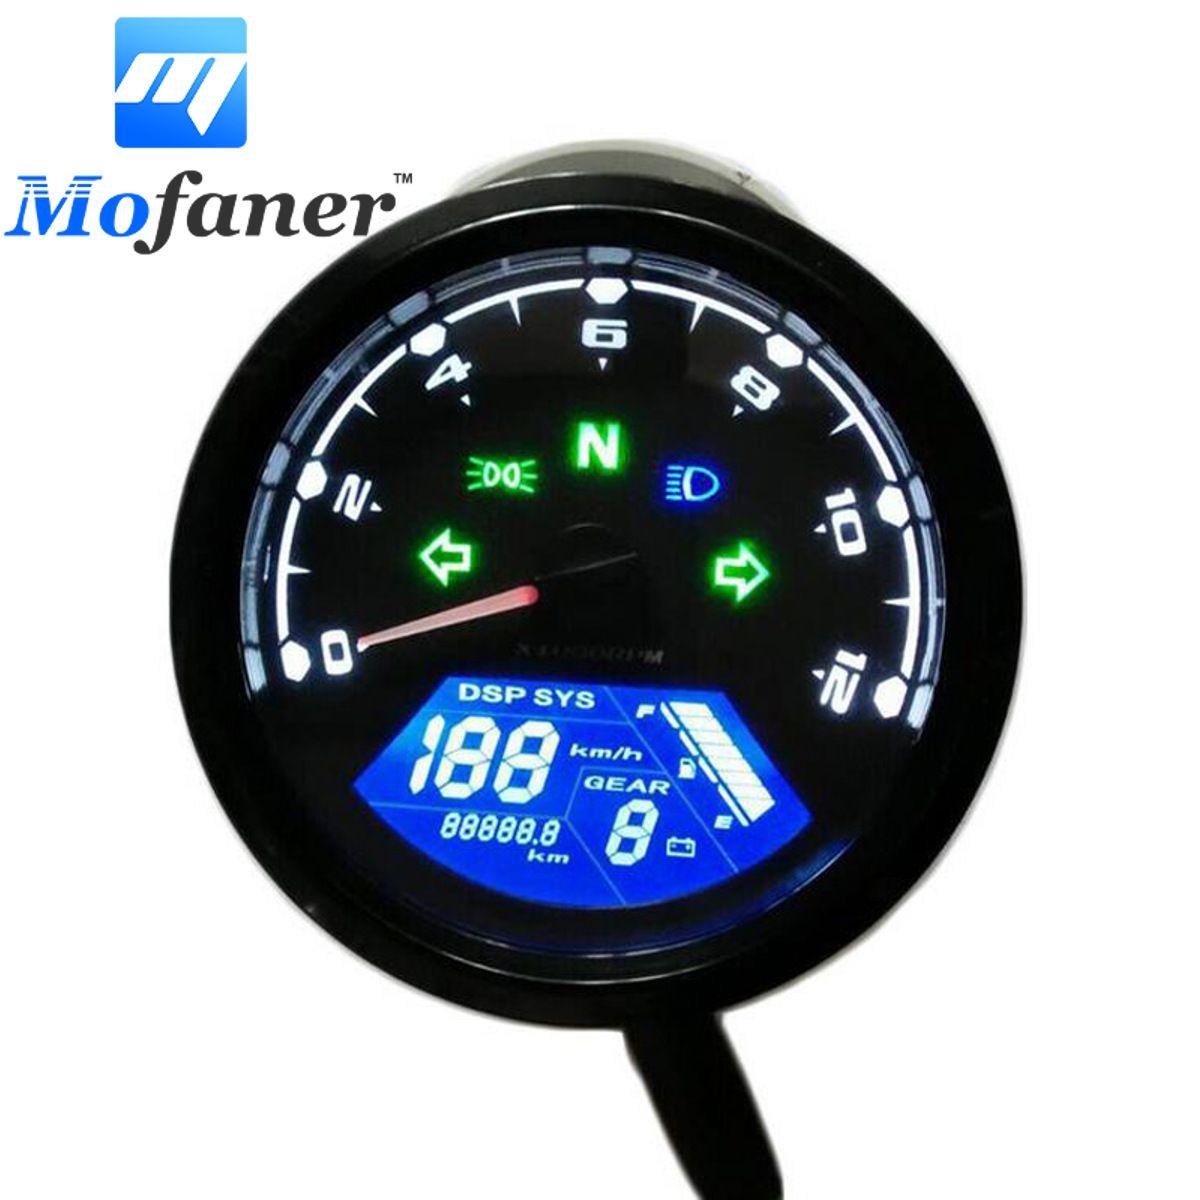 Universal Digital Motorcycle Speed Meter Odometer Tachometer Gauge Dual Speed LCD Screen for 1-4 Cylinders